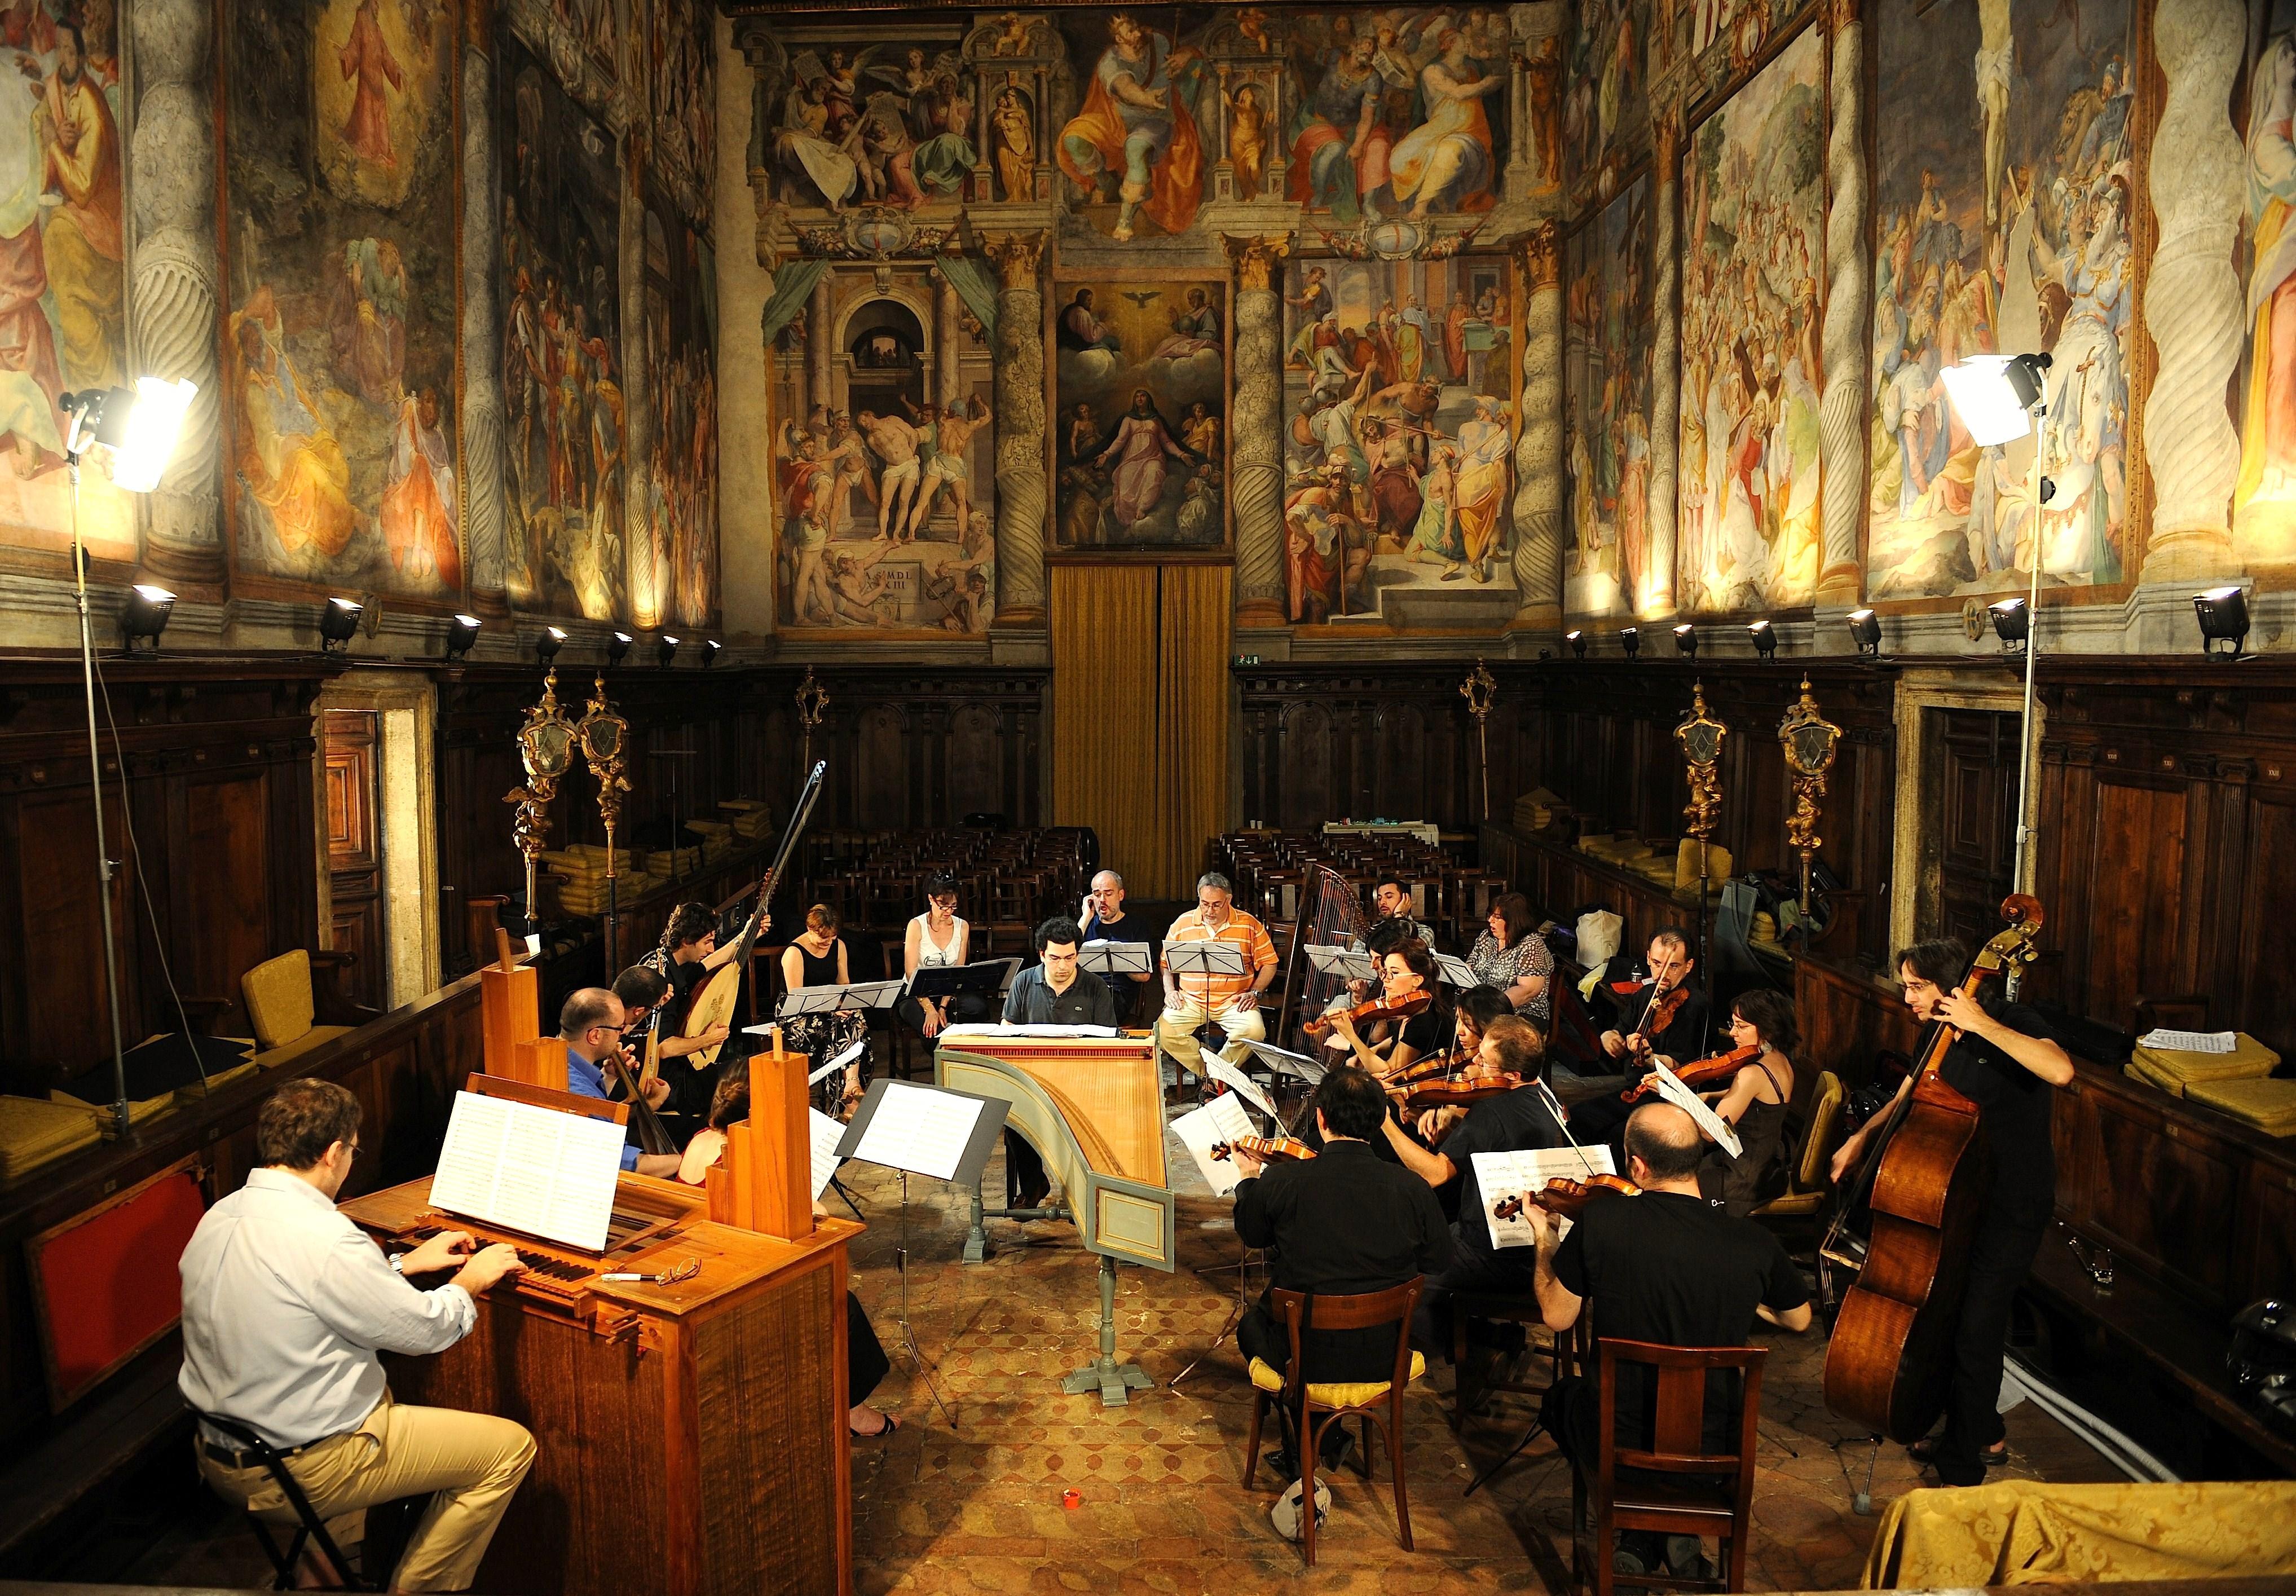 Georg Friedrich Händel - The Complete Recorder Sonatas